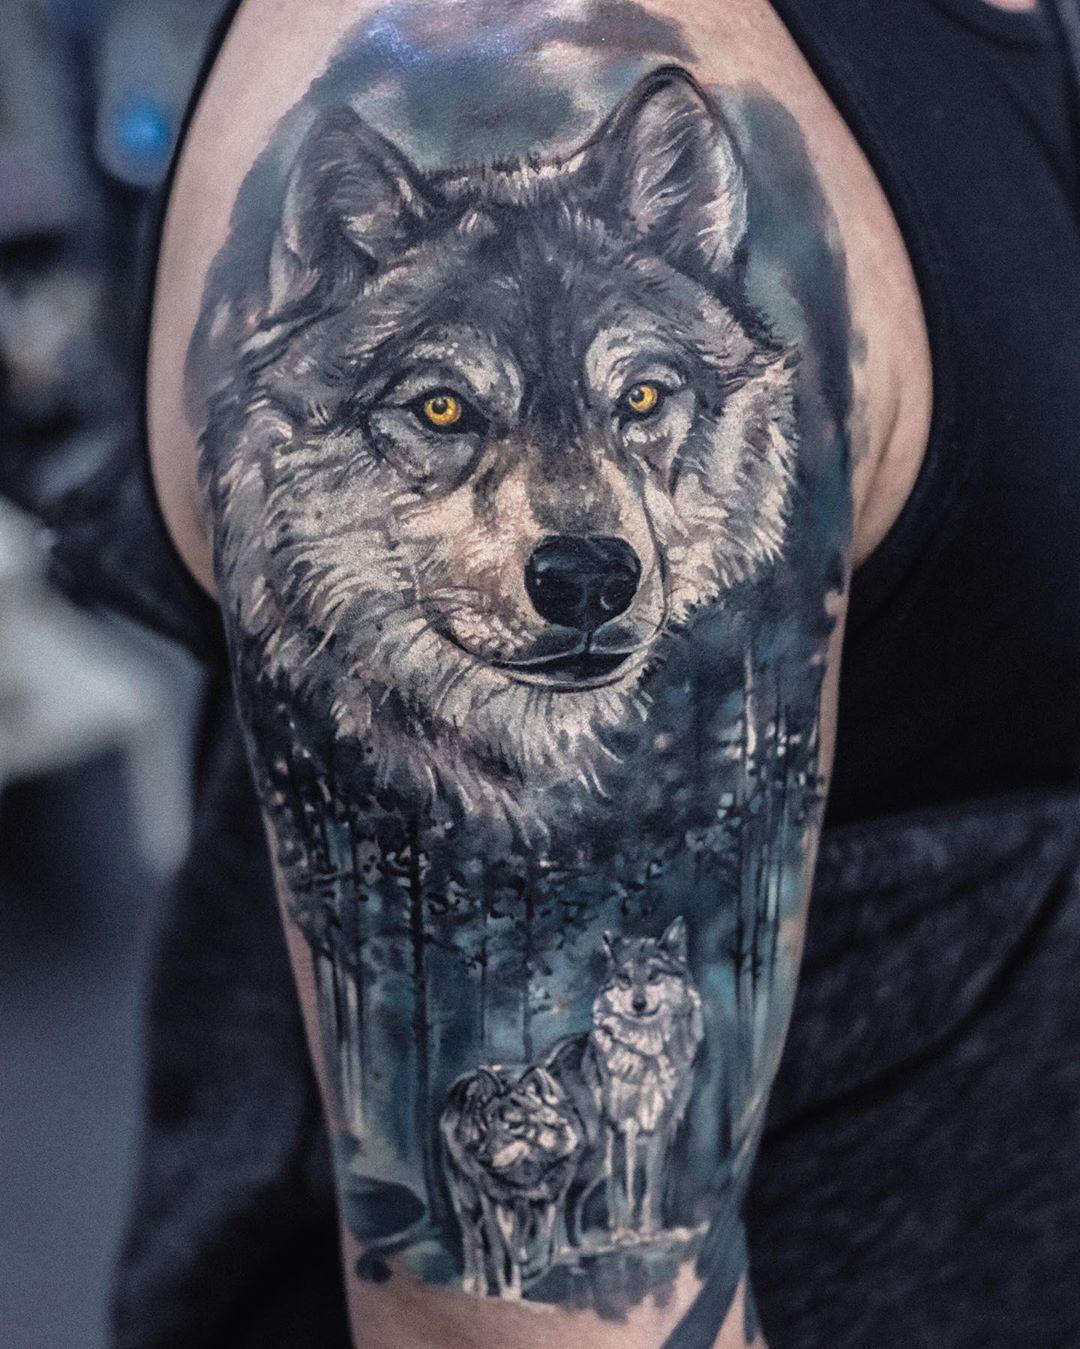 ✨ @mash.tab.ba ✨ 📷 @matkoboska  #łódź#łdz#eudezet#offpiotrkowska#tattoo#illustrationblackworkers#blackwork#tattrx#darkartists#polishgirl#inkstinctsubmission#inkedmag#taot#tatts#tattooed#tattoodo#blackwork#equilattera#blacktartoo#tattoo#blacktattooart#blackworkerssubmission#wowtattoo#onlyblackart#blxckink#xtatts#theartoftattoos#onlyblackart#wolf#wolftattoo#wolfart